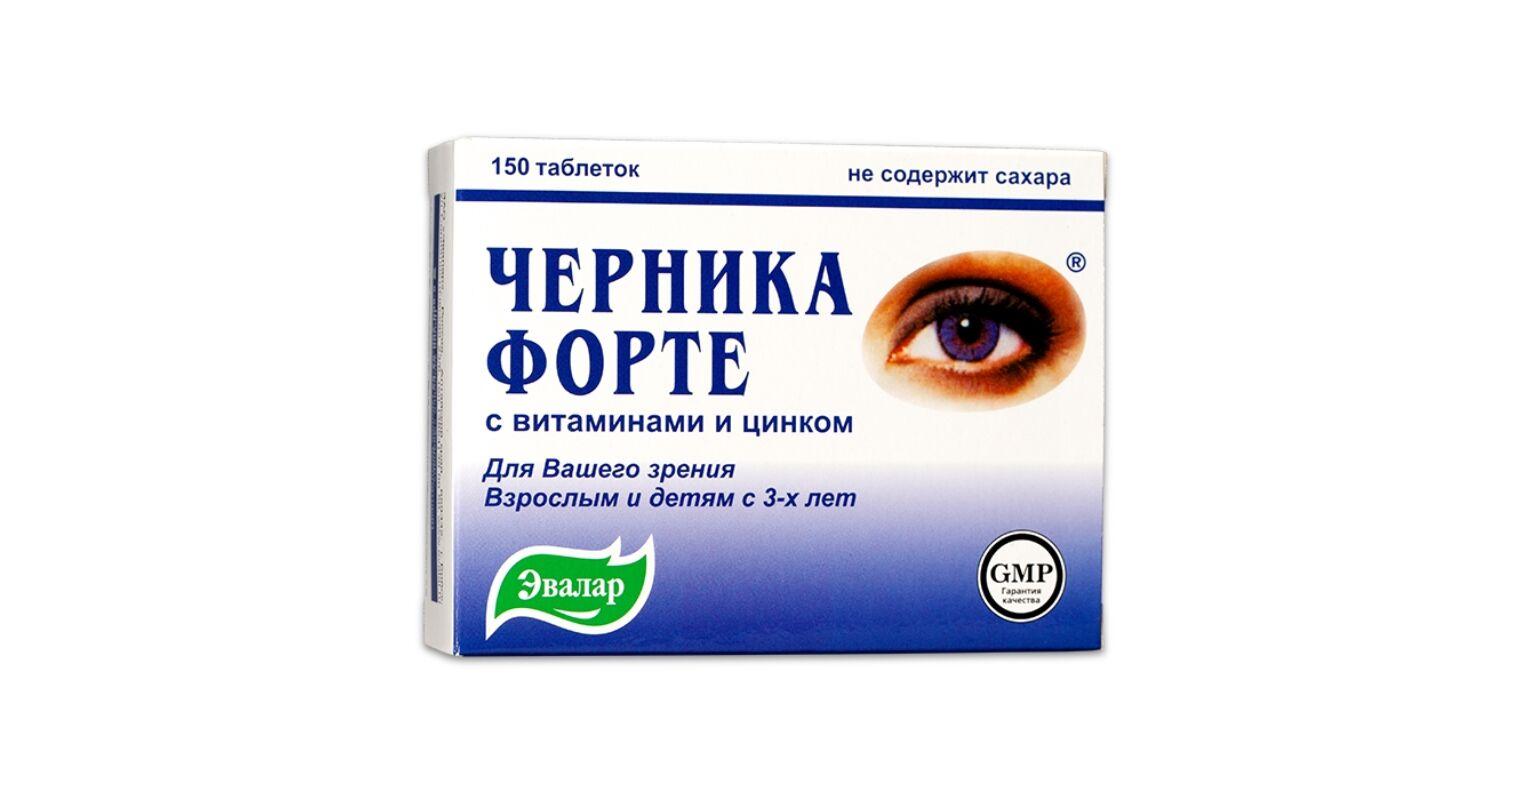 Hogyan hasznos a áfonya a szem és a látás számára? - Betegség September